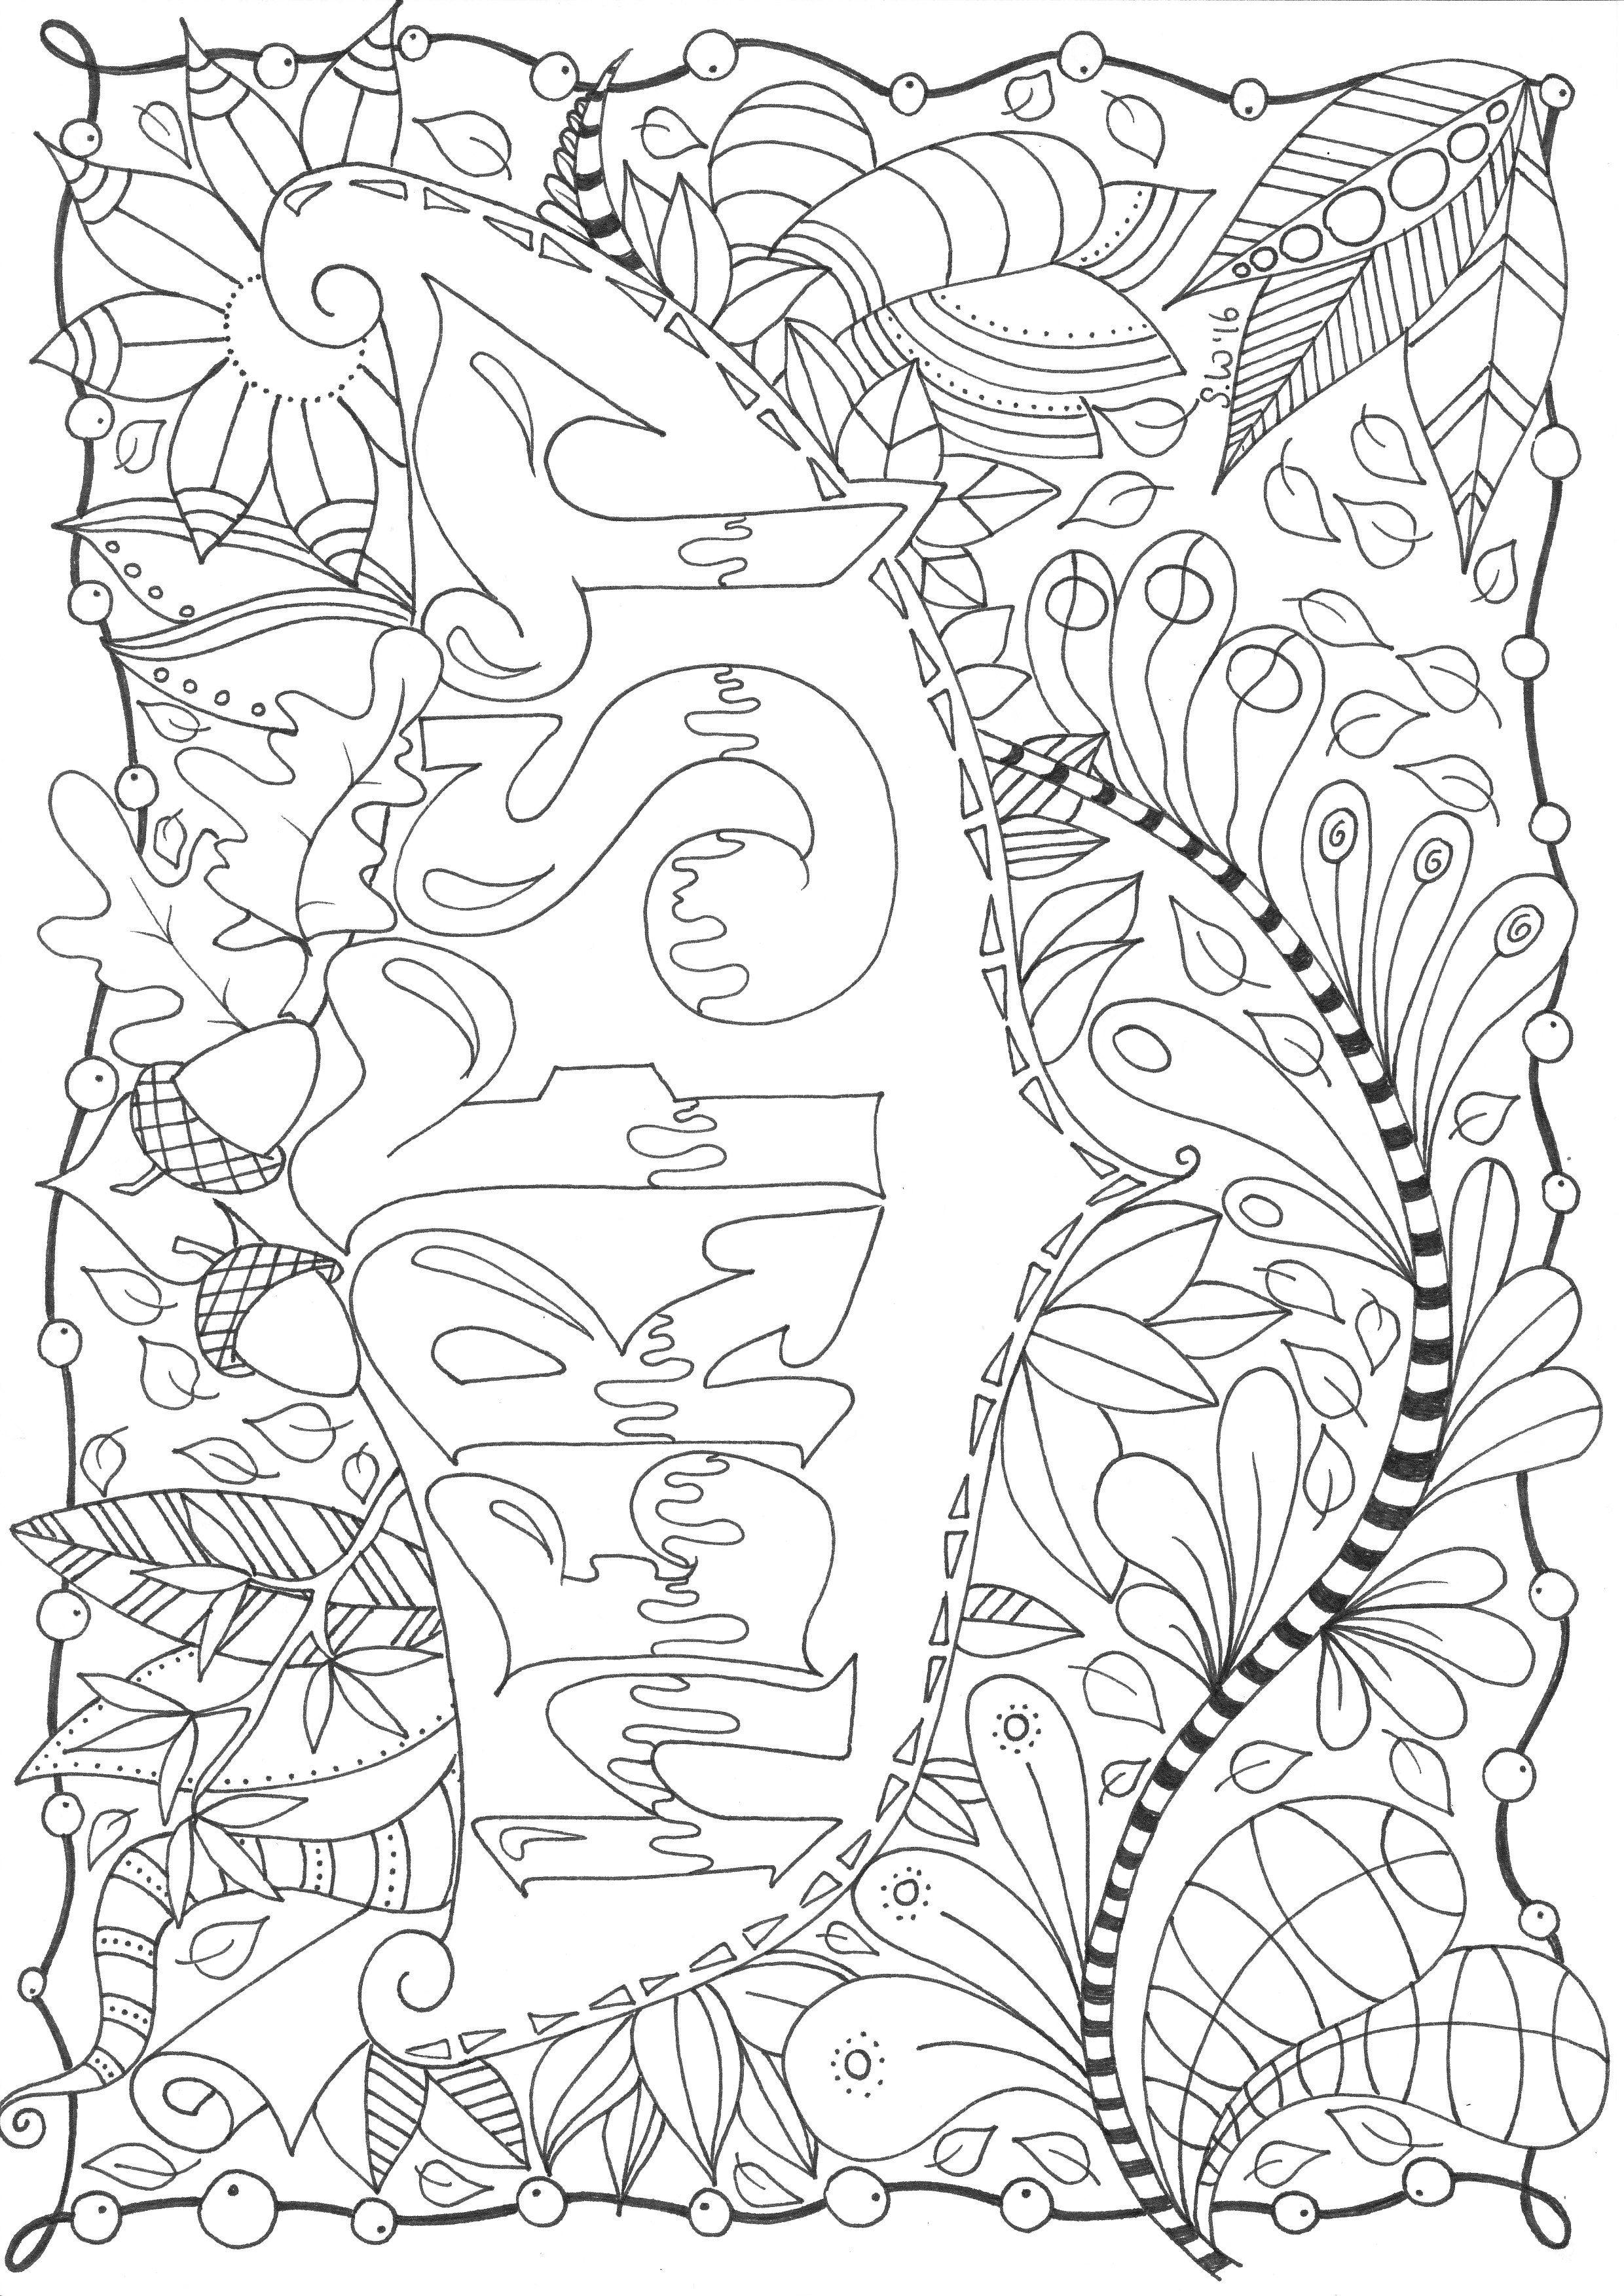 Kleurplaten Volwassenen Herfst.Herfst Autumn Doodle Zentangle Kleurplaten Voor